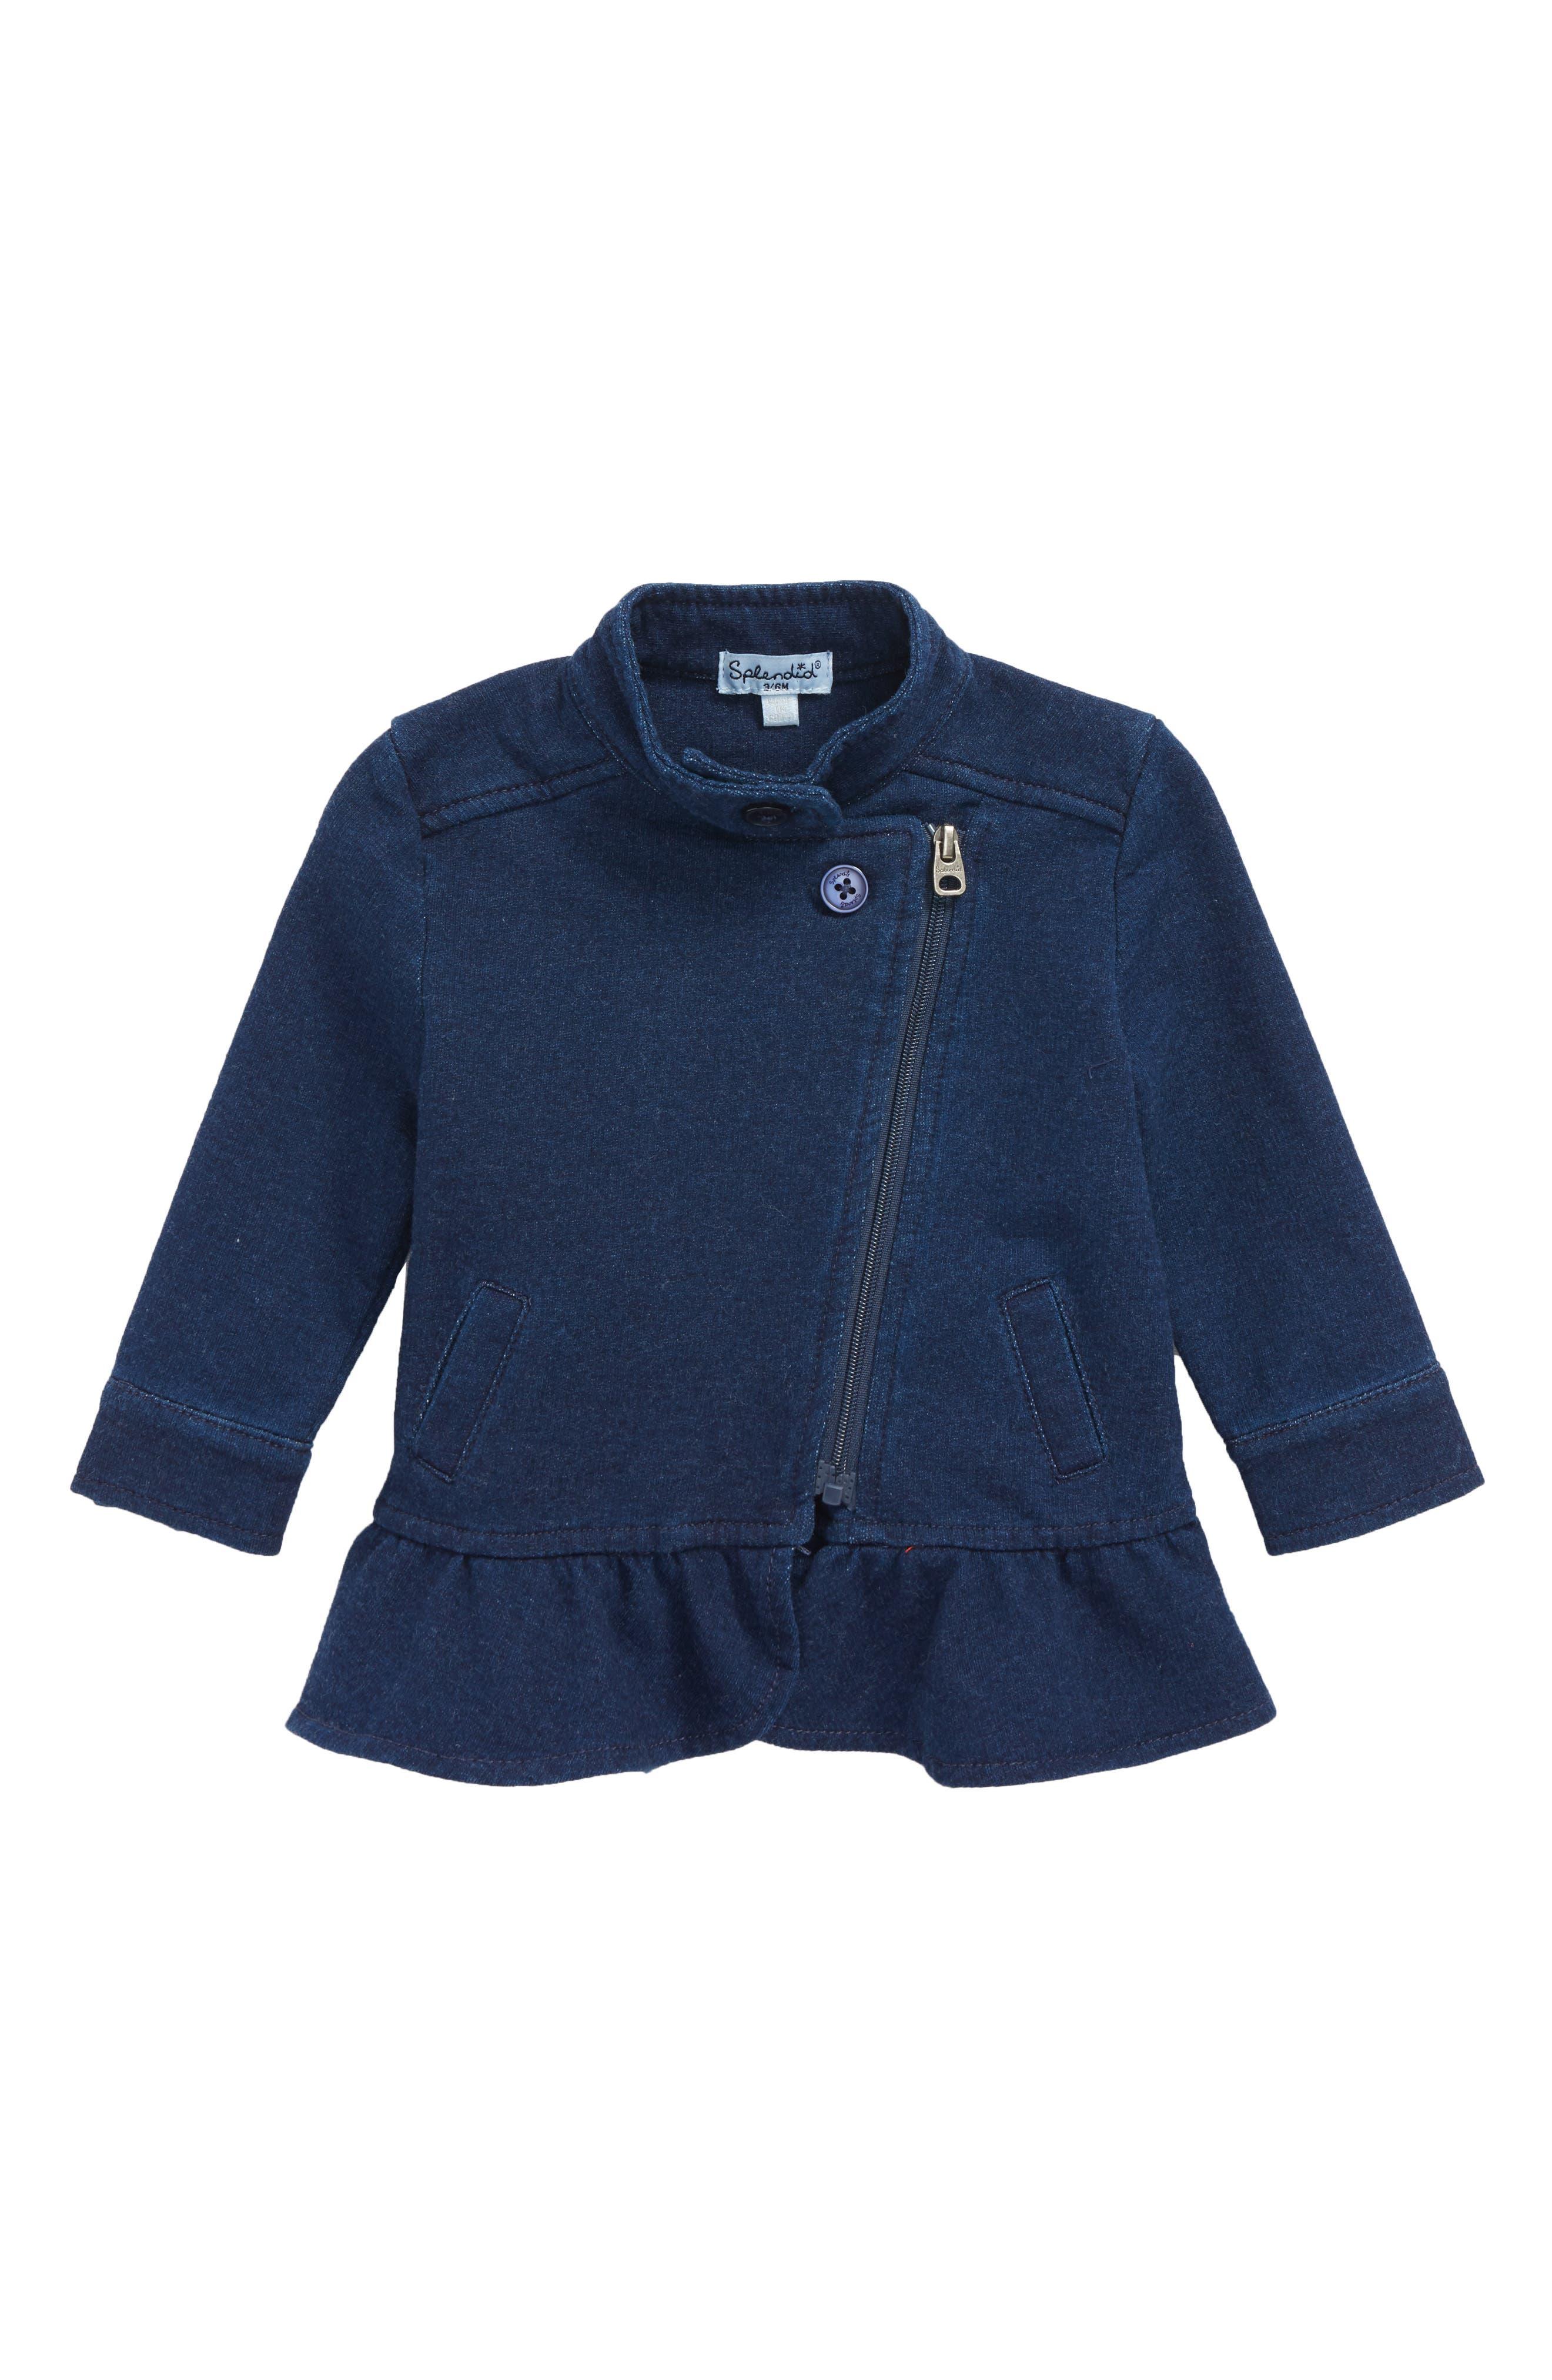 Indigo Moto Jacket,                         Main,                         color, 400